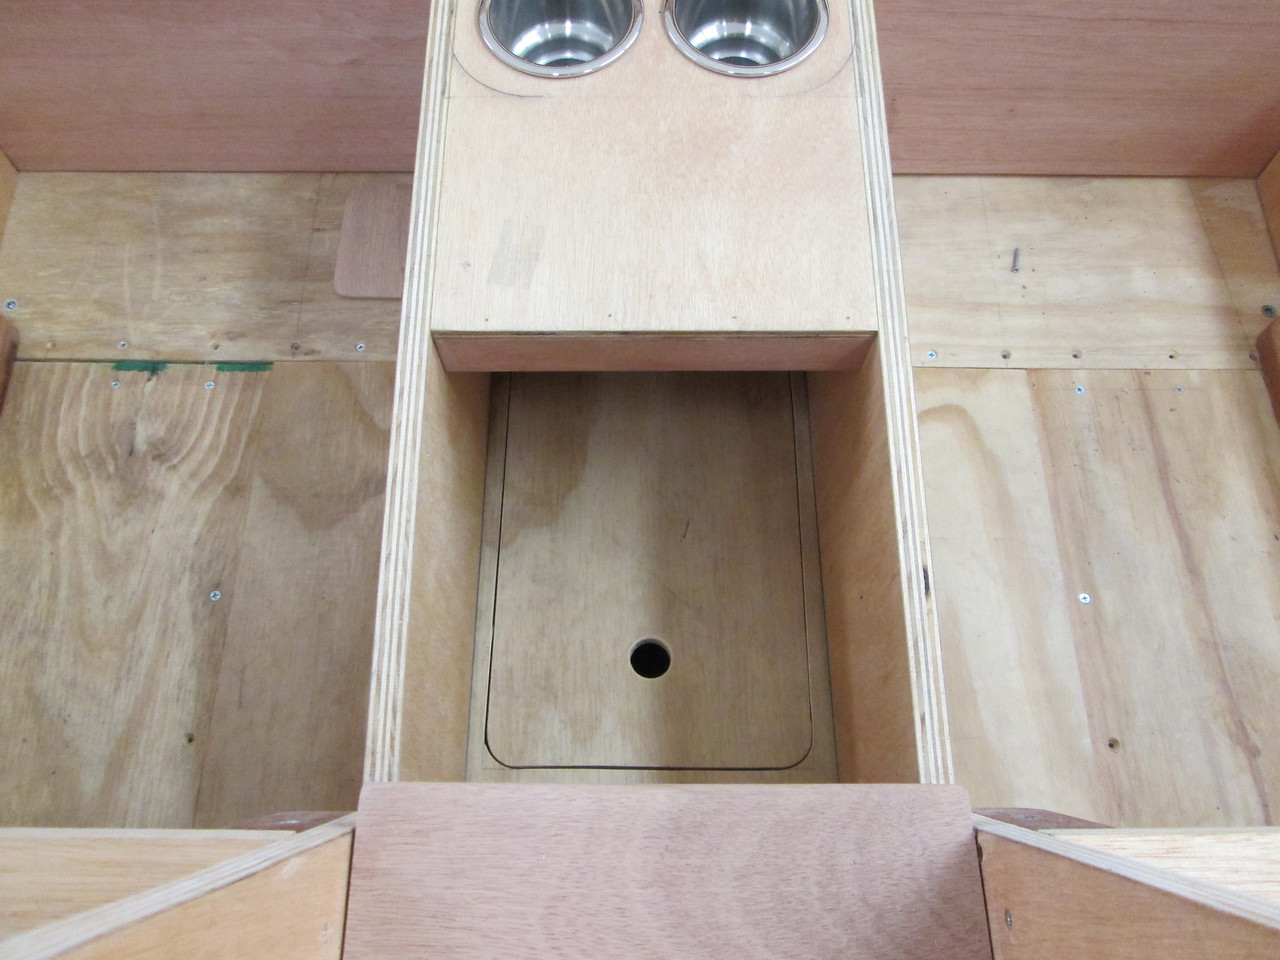 Front bilge pump access panel.